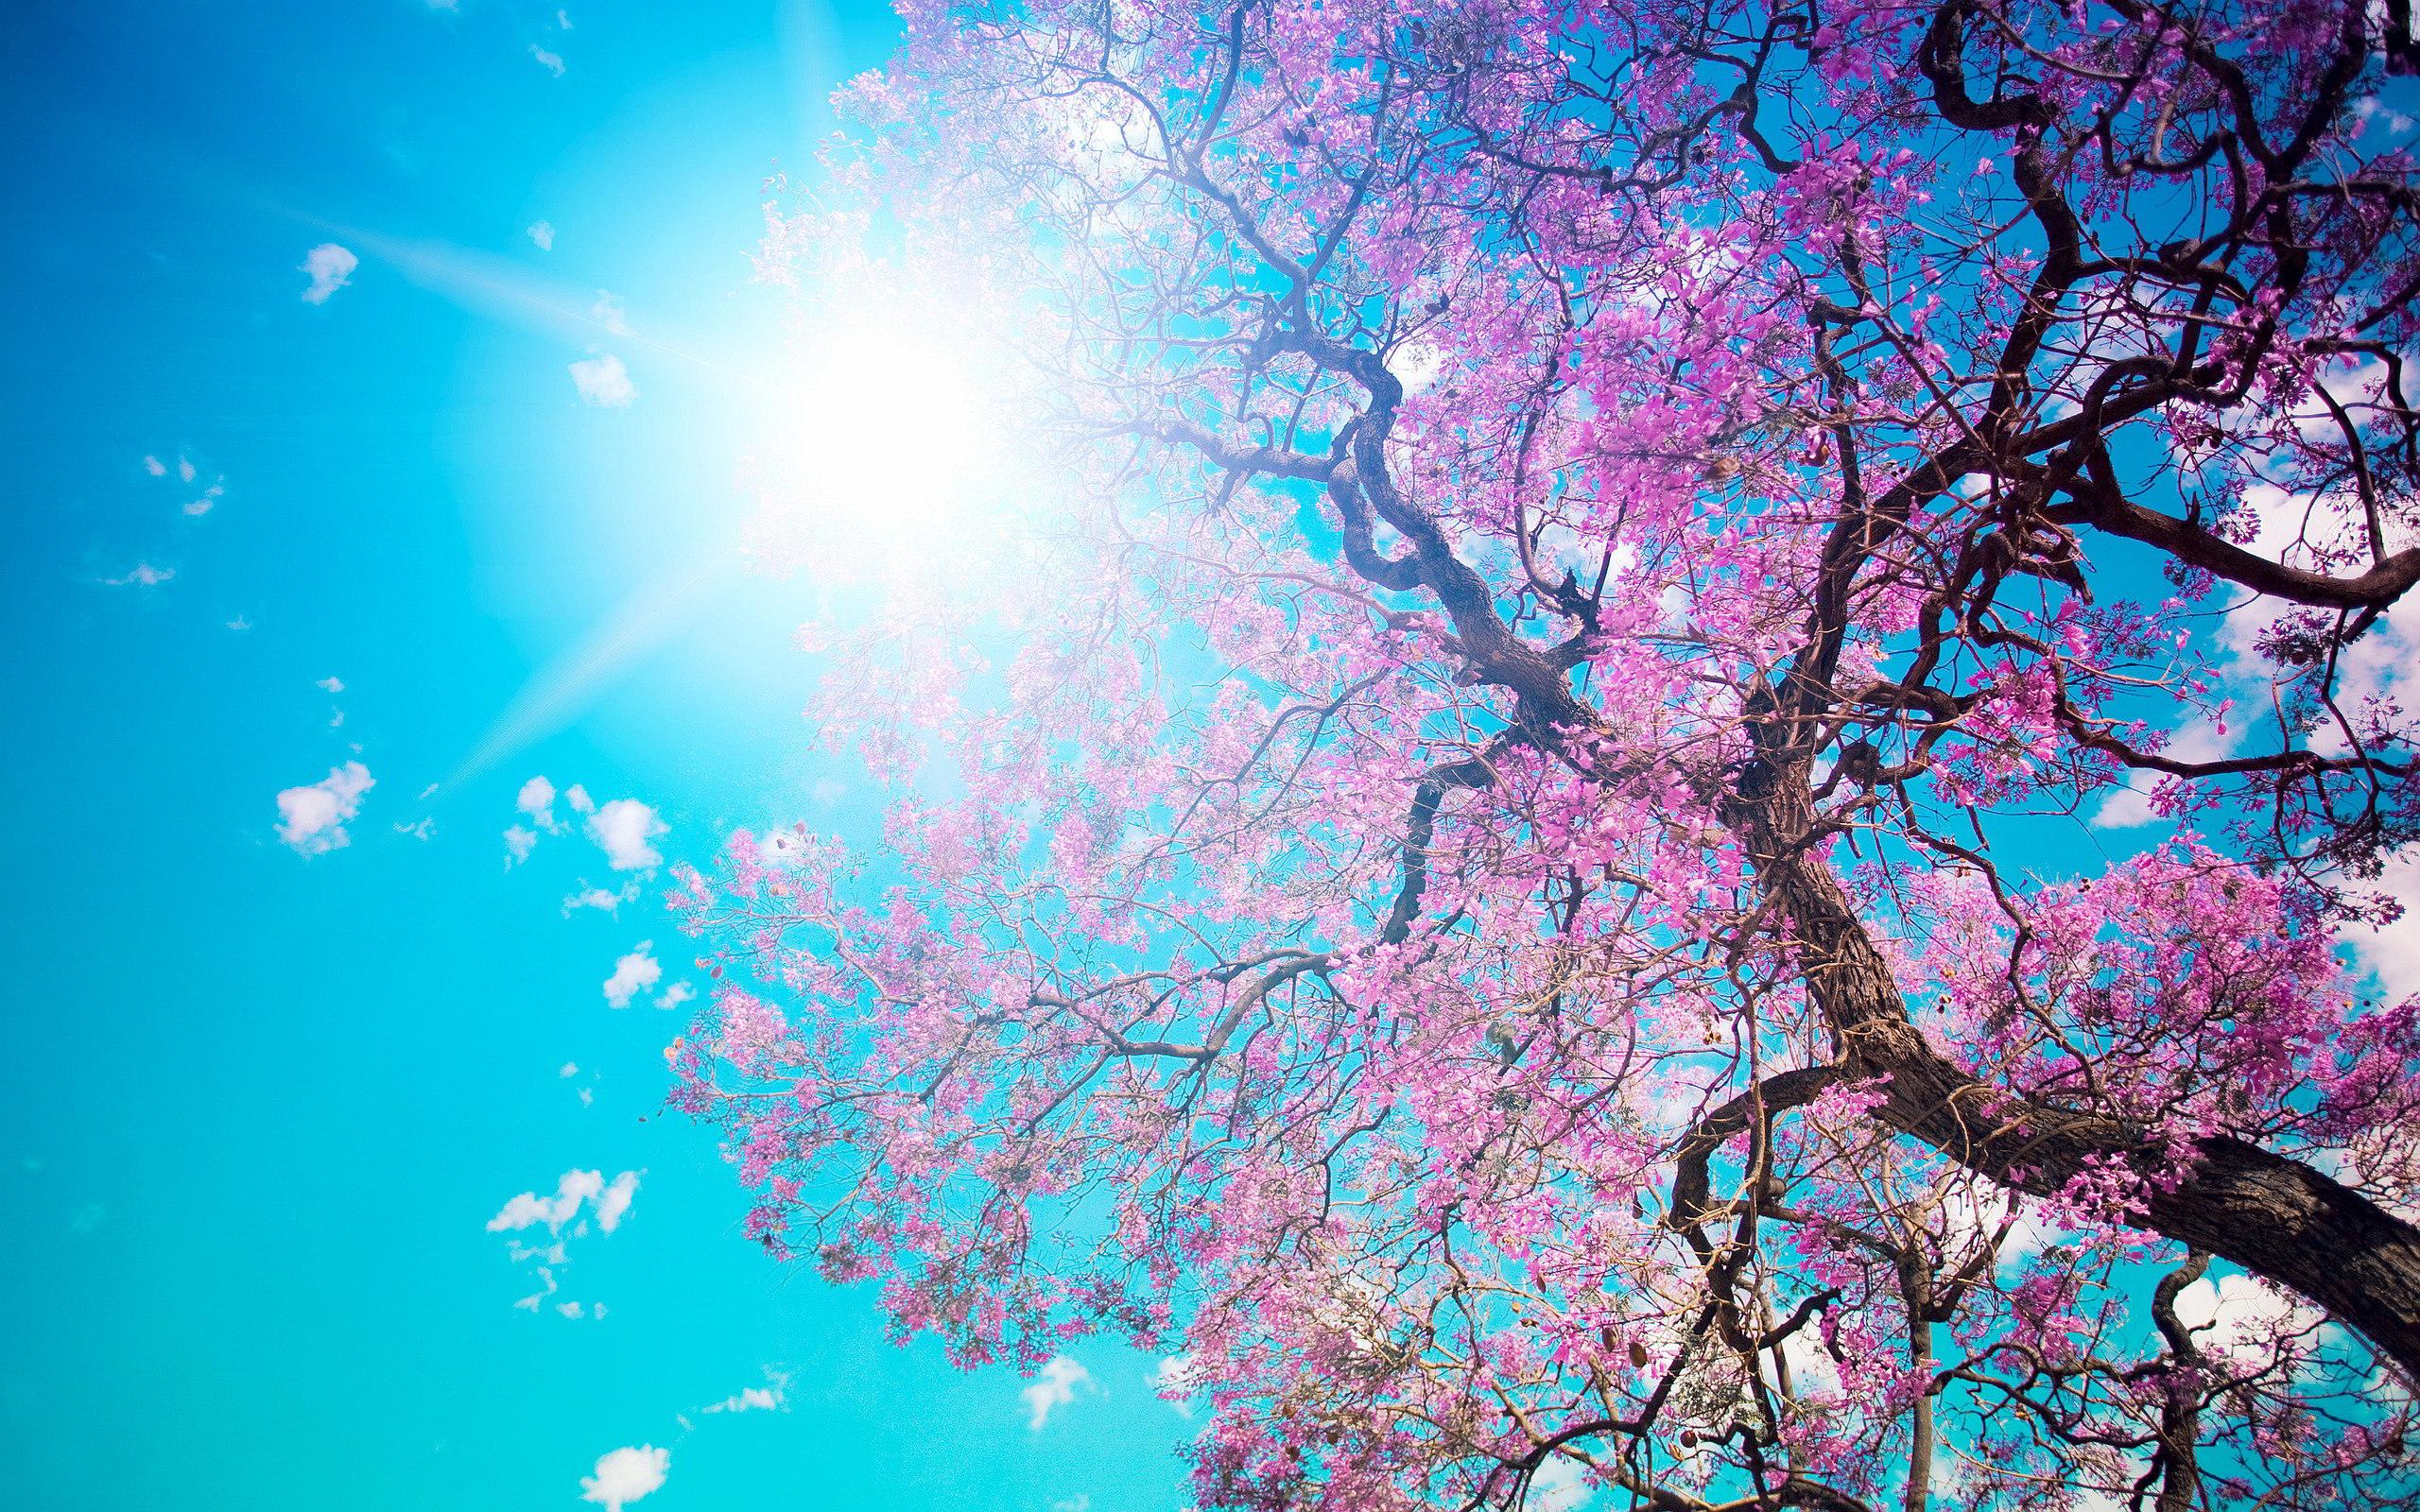 Spring blossom sunshine